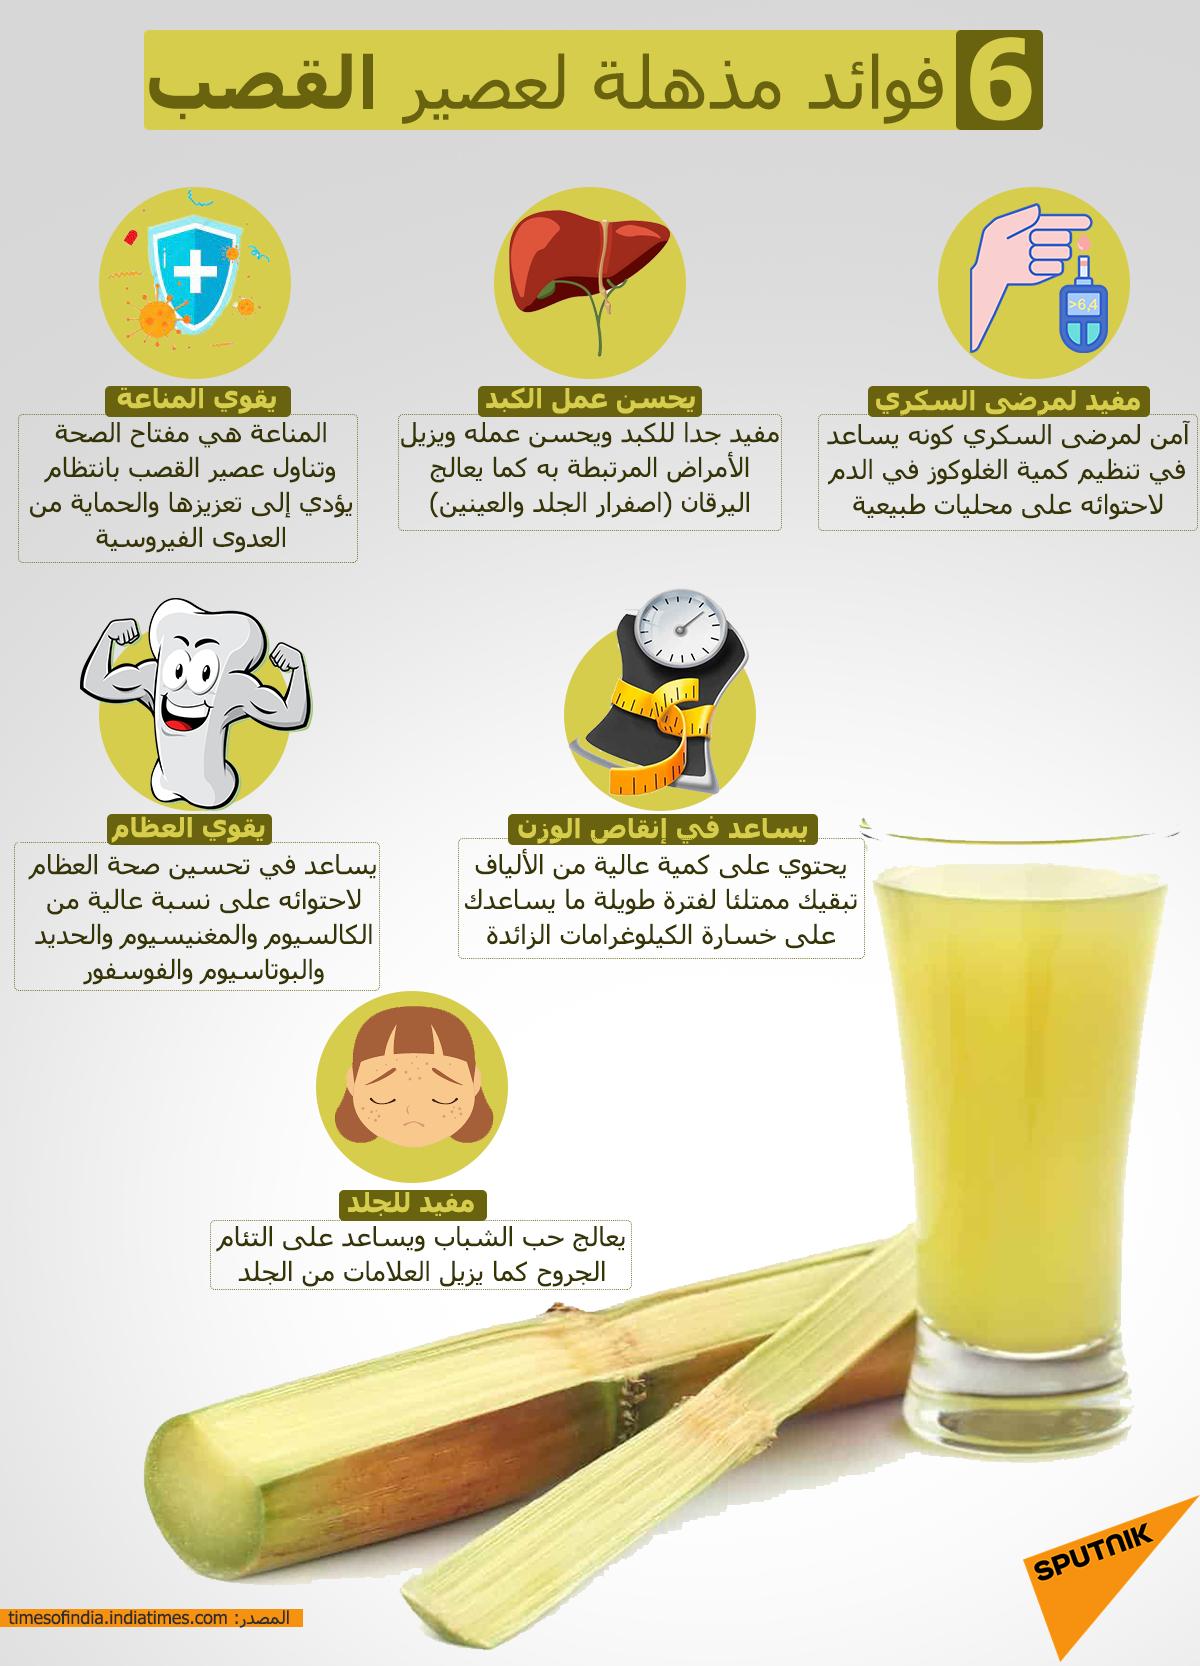 6 فوائد مذهلة لعصير القصب